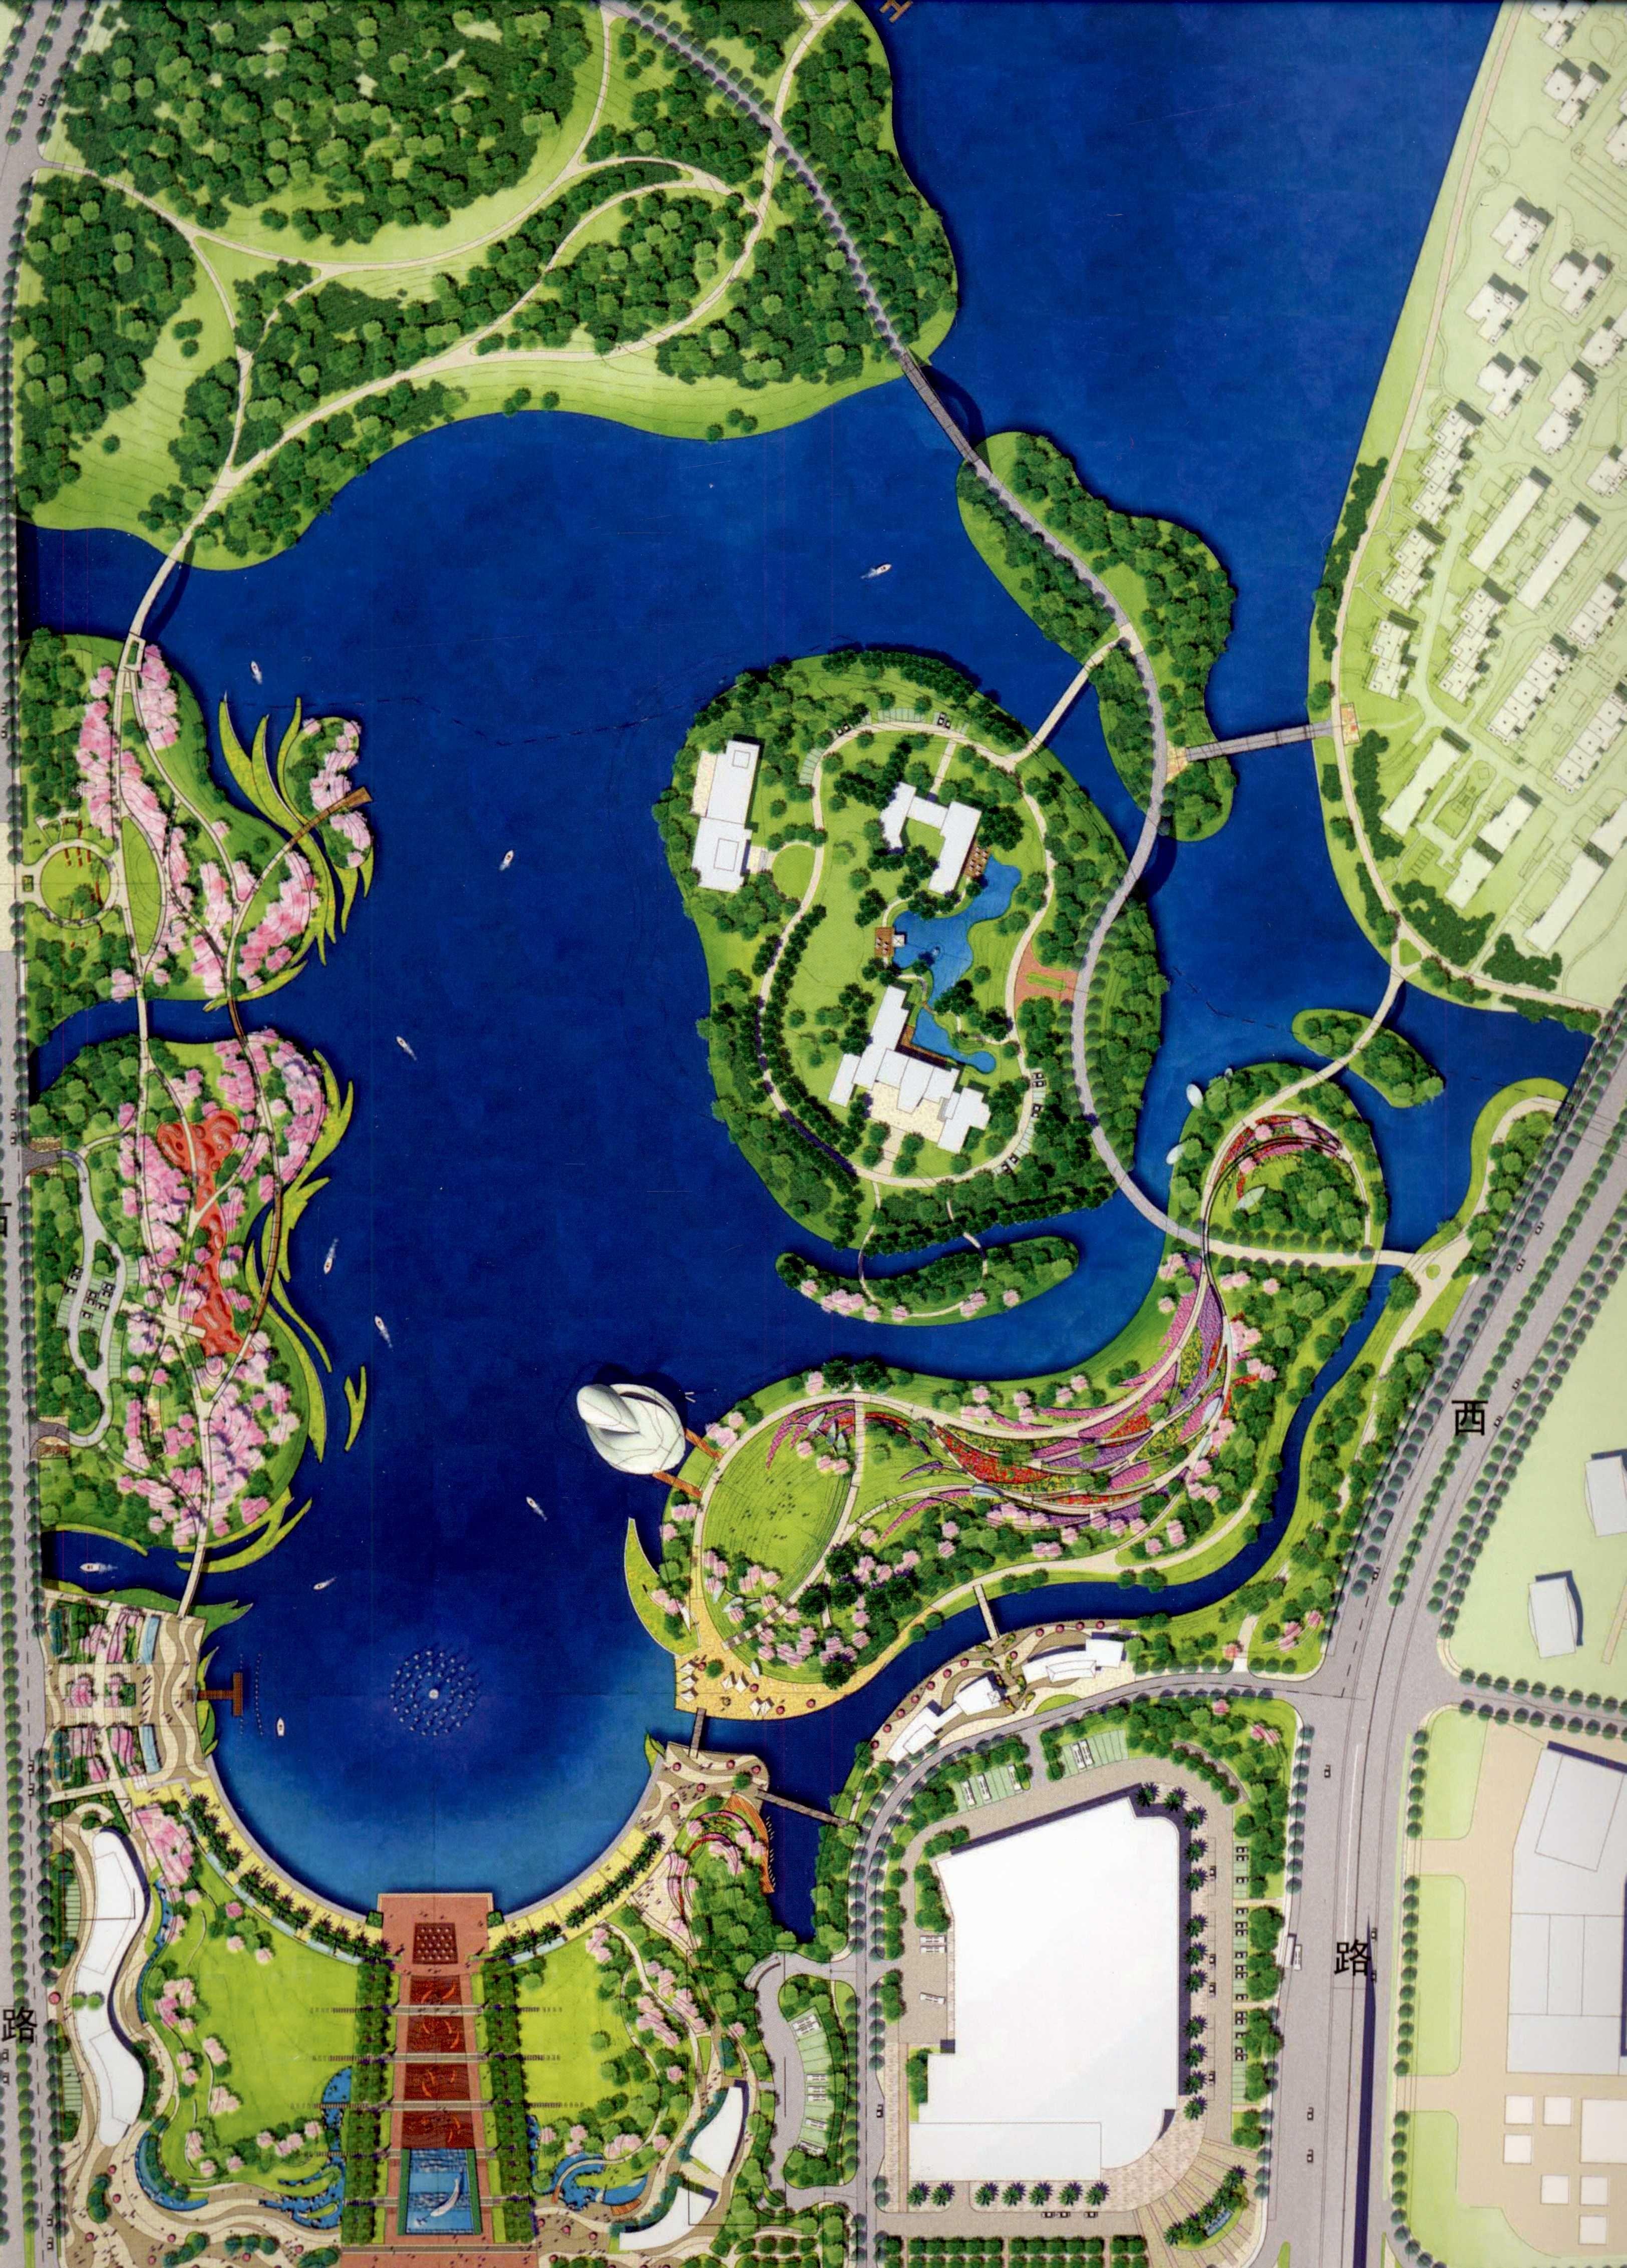 这个园林景观平面图的水怎么做的请问?